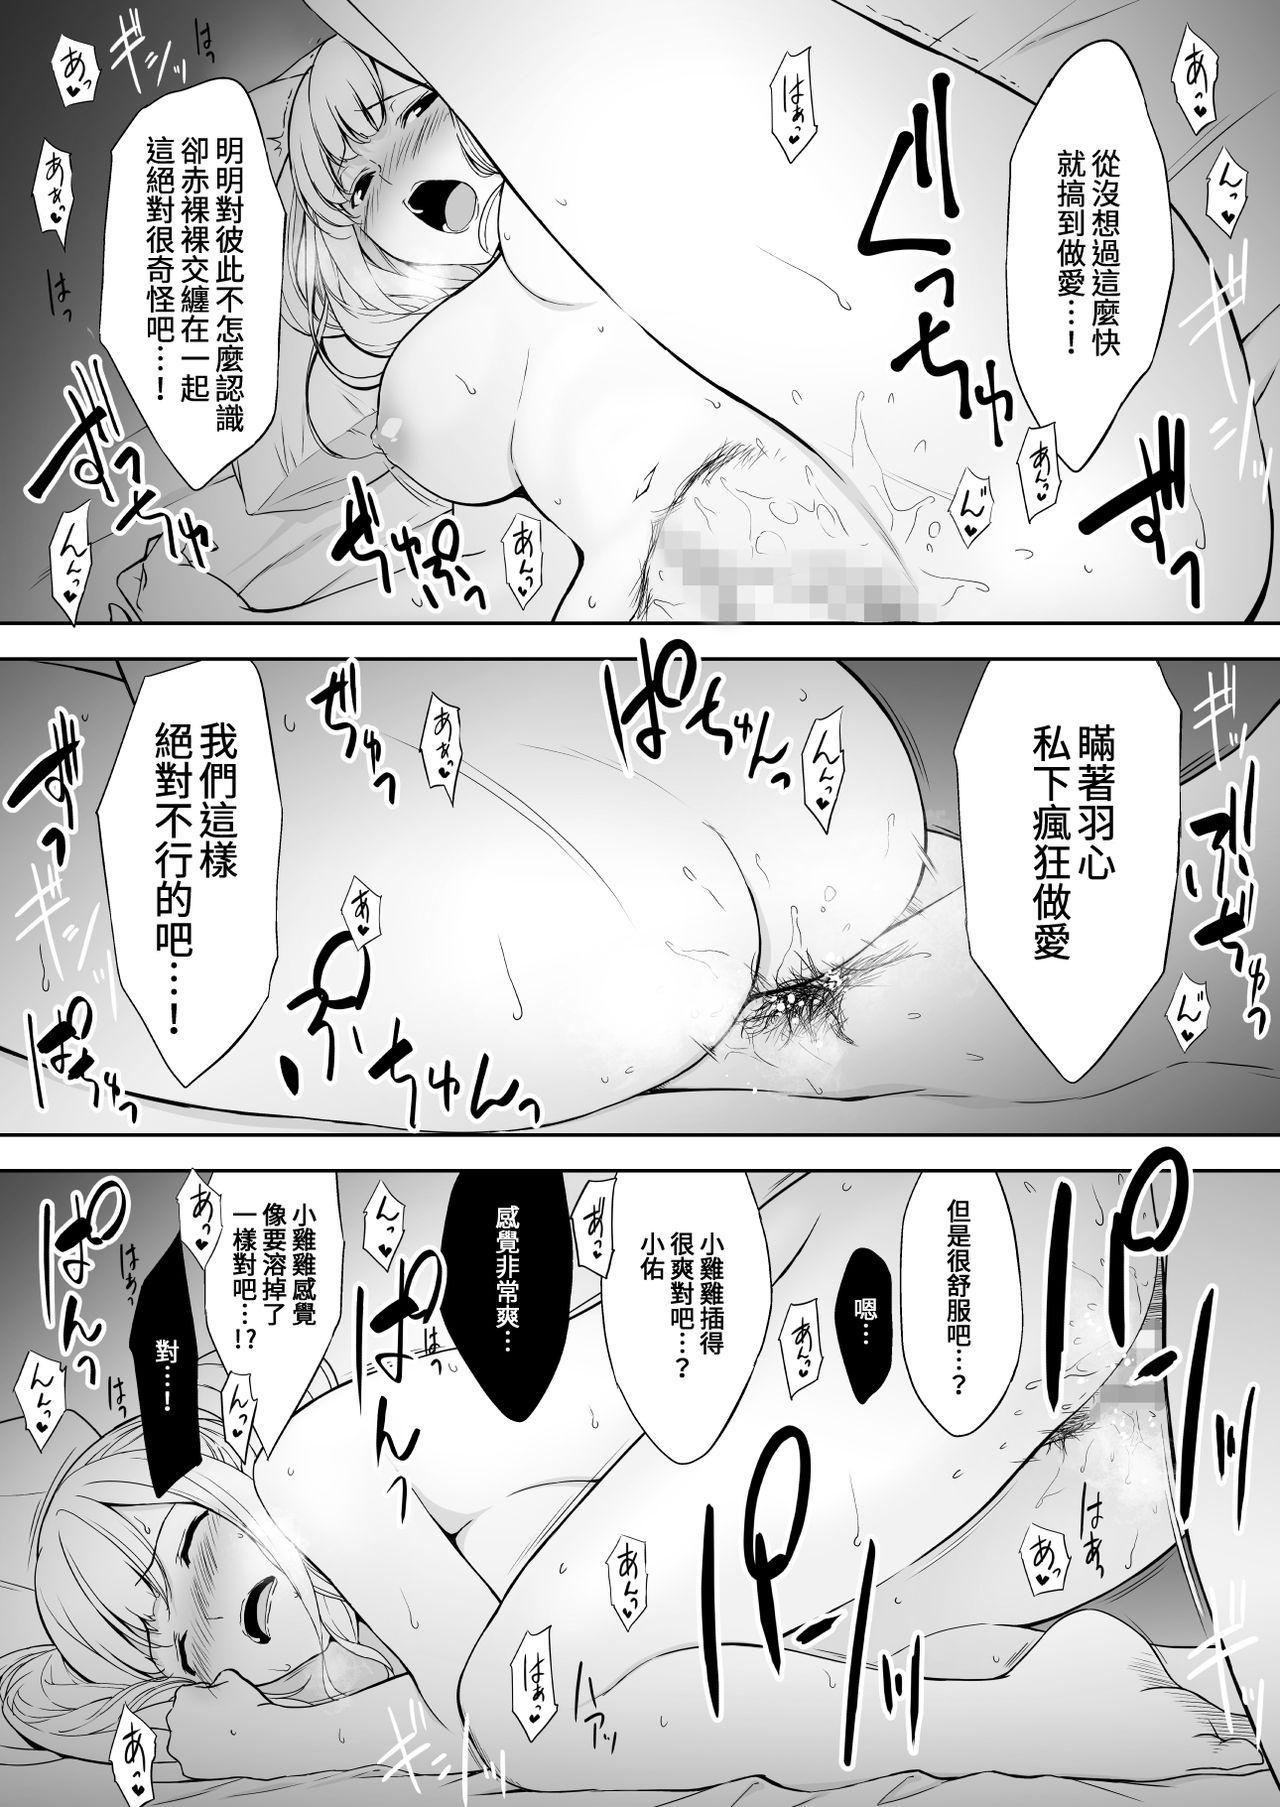 Seiso na Ane ga Suki nanoni Bitch to Sex Shiteru Ore 23